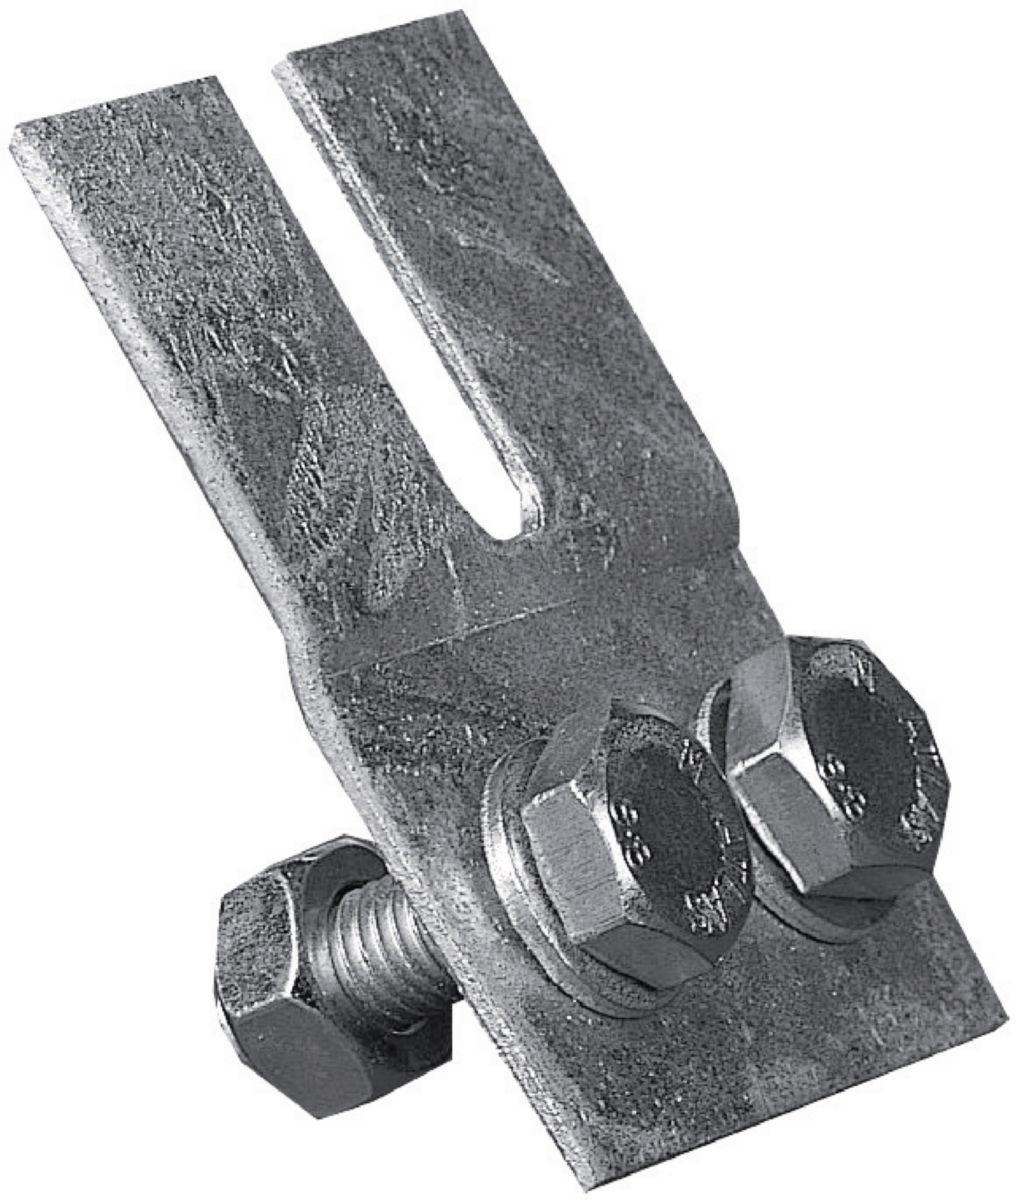 Patte de fixation support sol 4 pièces A12 réf. 175ACL0129